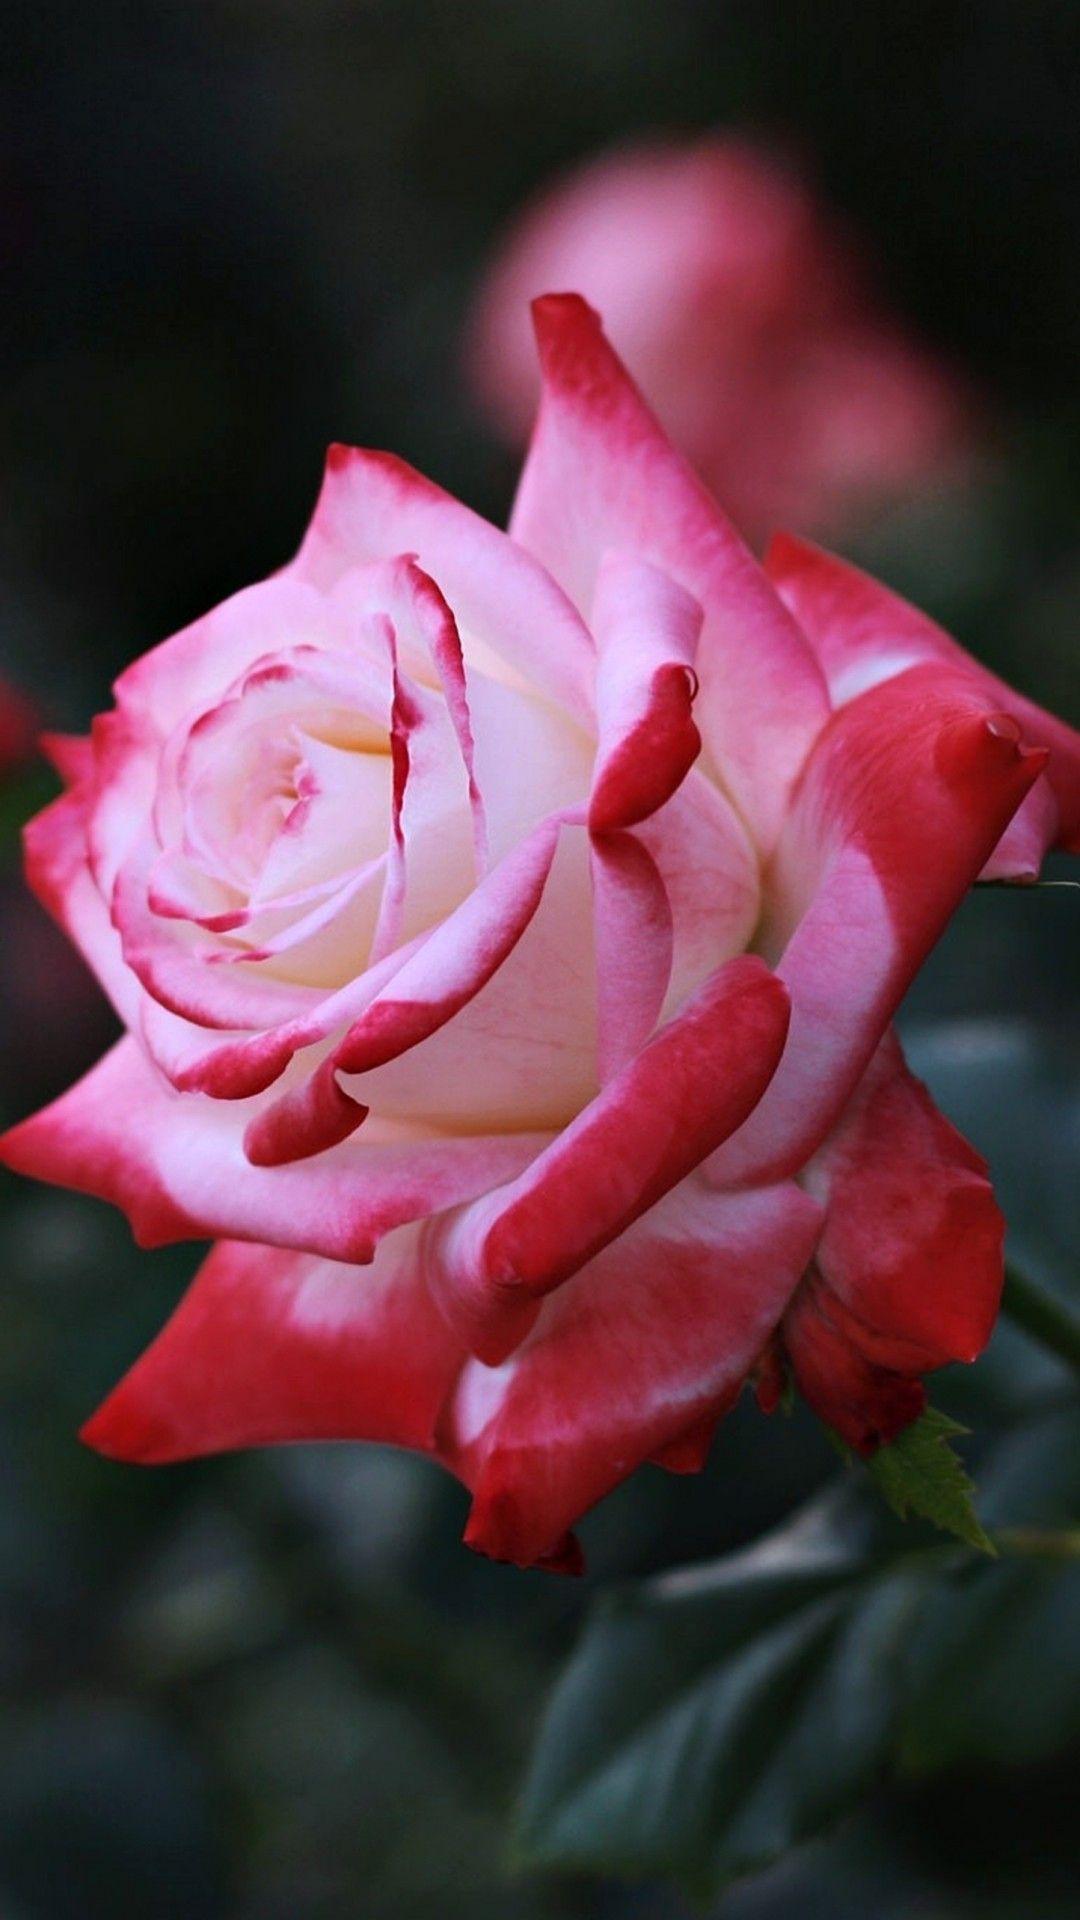 Dark Pink Rose Hd Iphone Wallpapers Wallpaper Cave